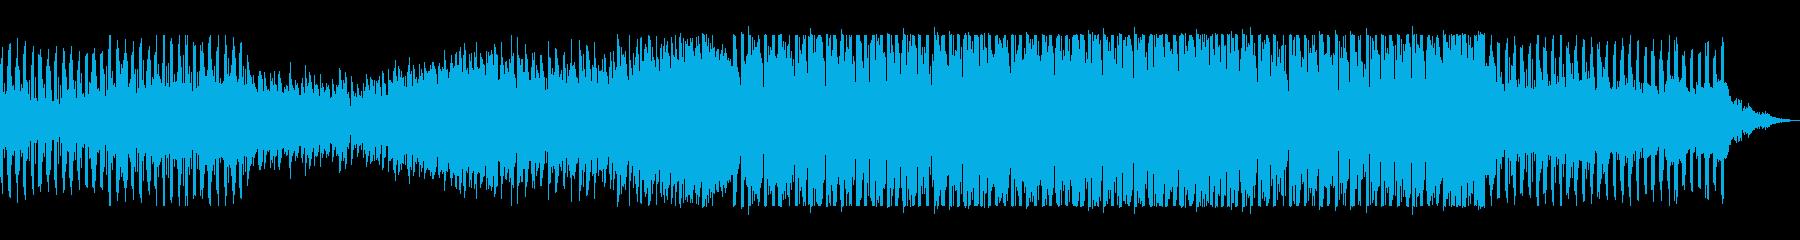 アナログシンセのユーロ系テクノの再生済みの波形